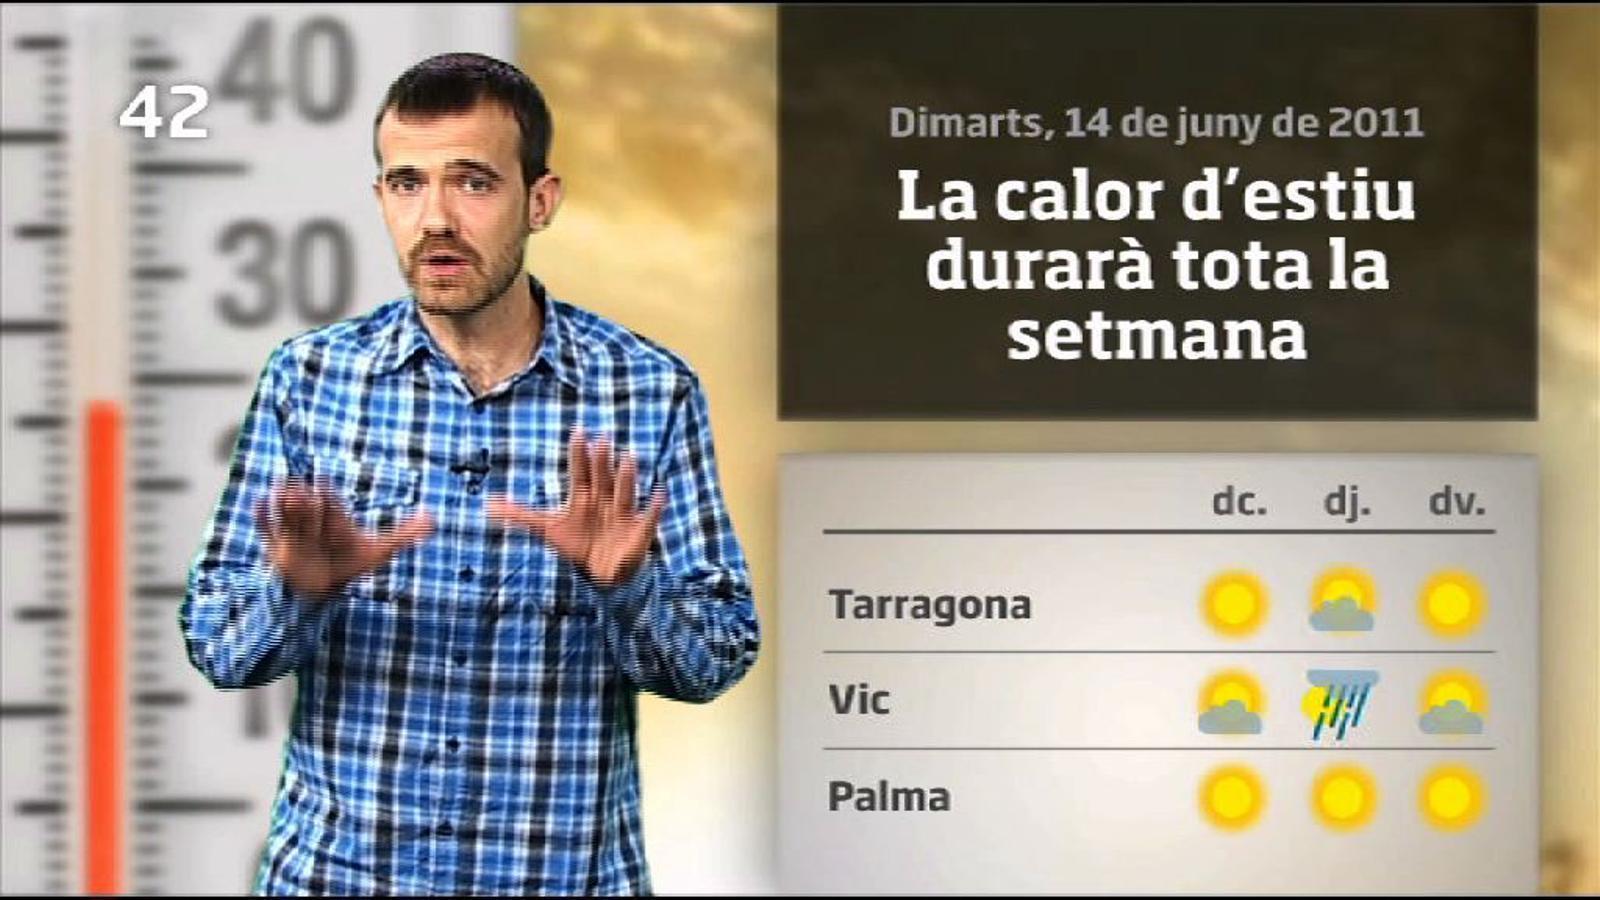 La méteo en 1 minut: més estiu i menys xàfecs de tarda (14/06/2011)